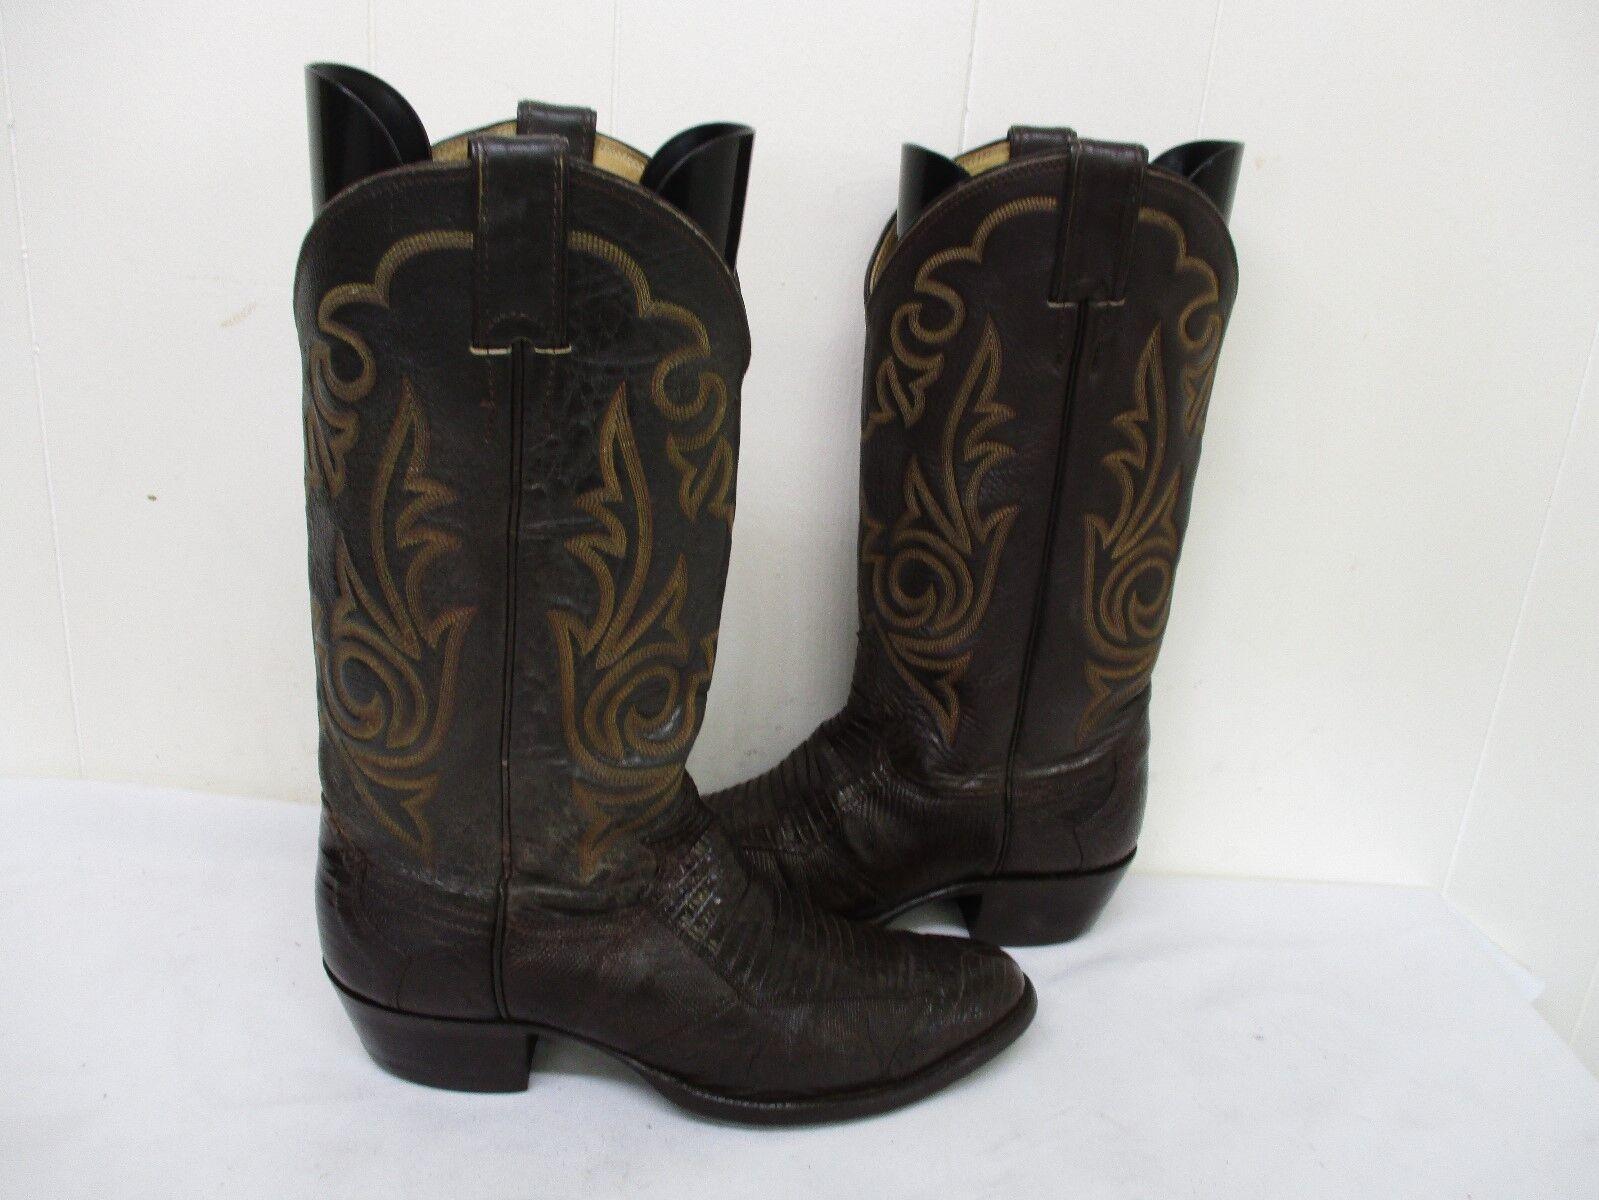 Justin Marrón Cuero De Lagarto botas de D vaquero Hombre tamaño D de 8 estilo 8387 Usa 887e2a